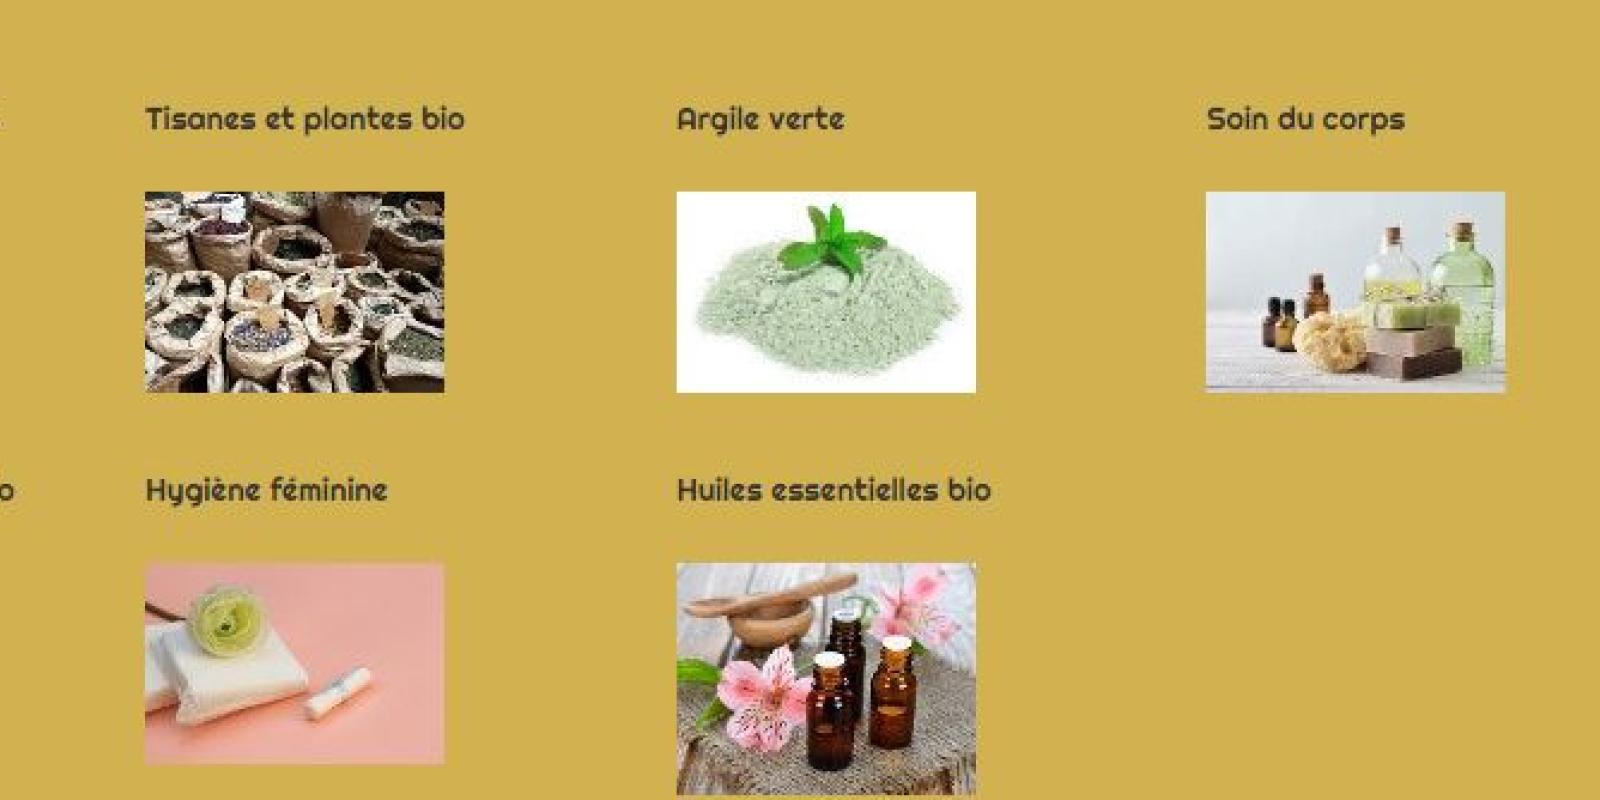 Ecolibio, la vente sur internet de références 100% naturelles